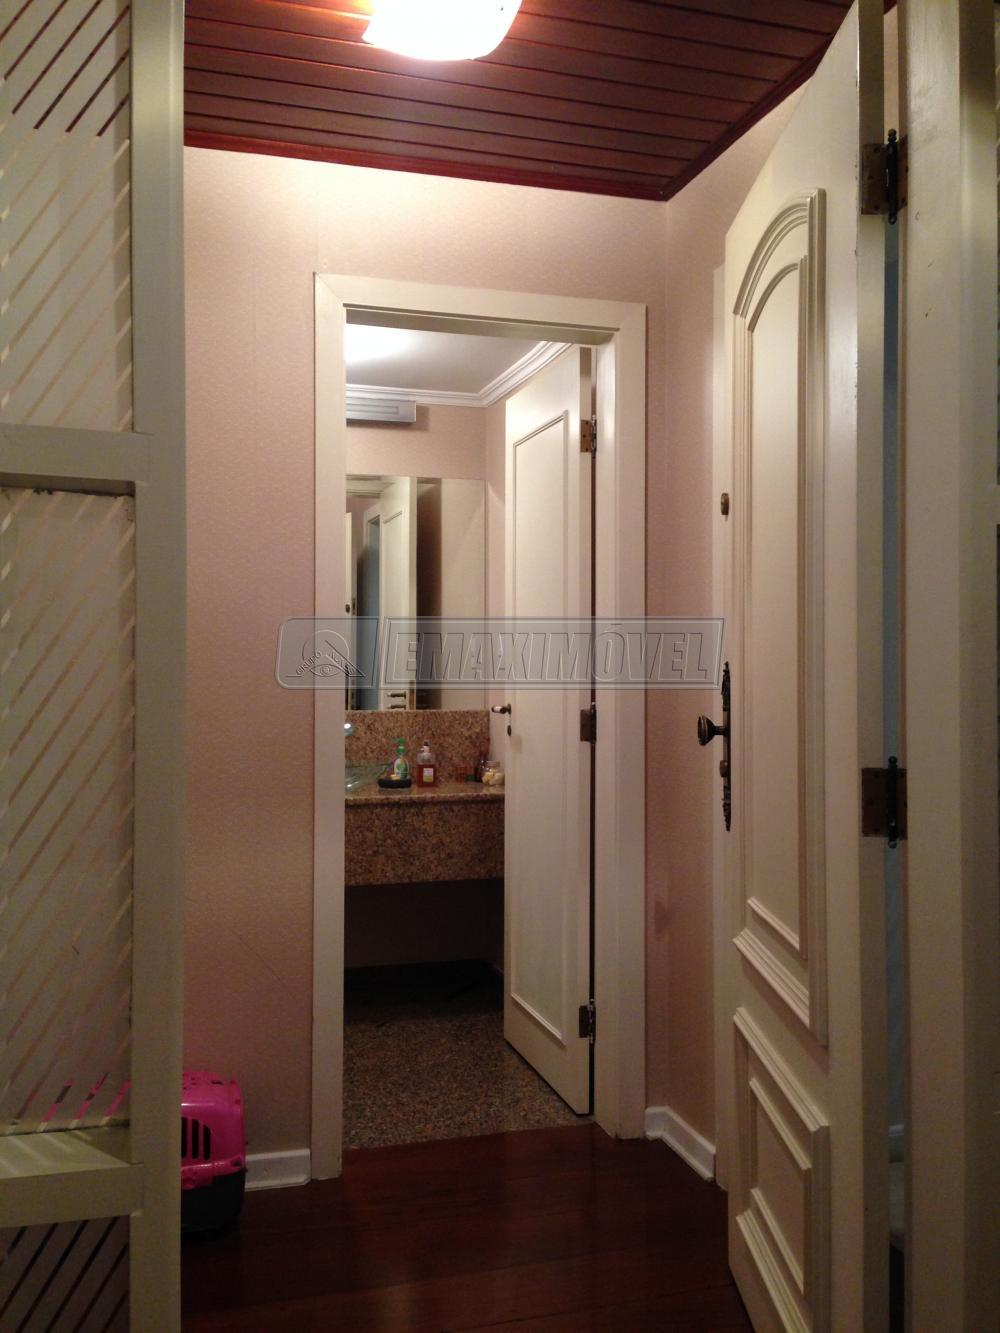 Alugar Apartamento / Padrão em Sorocaba R$ 3.300,00 - Foto 4